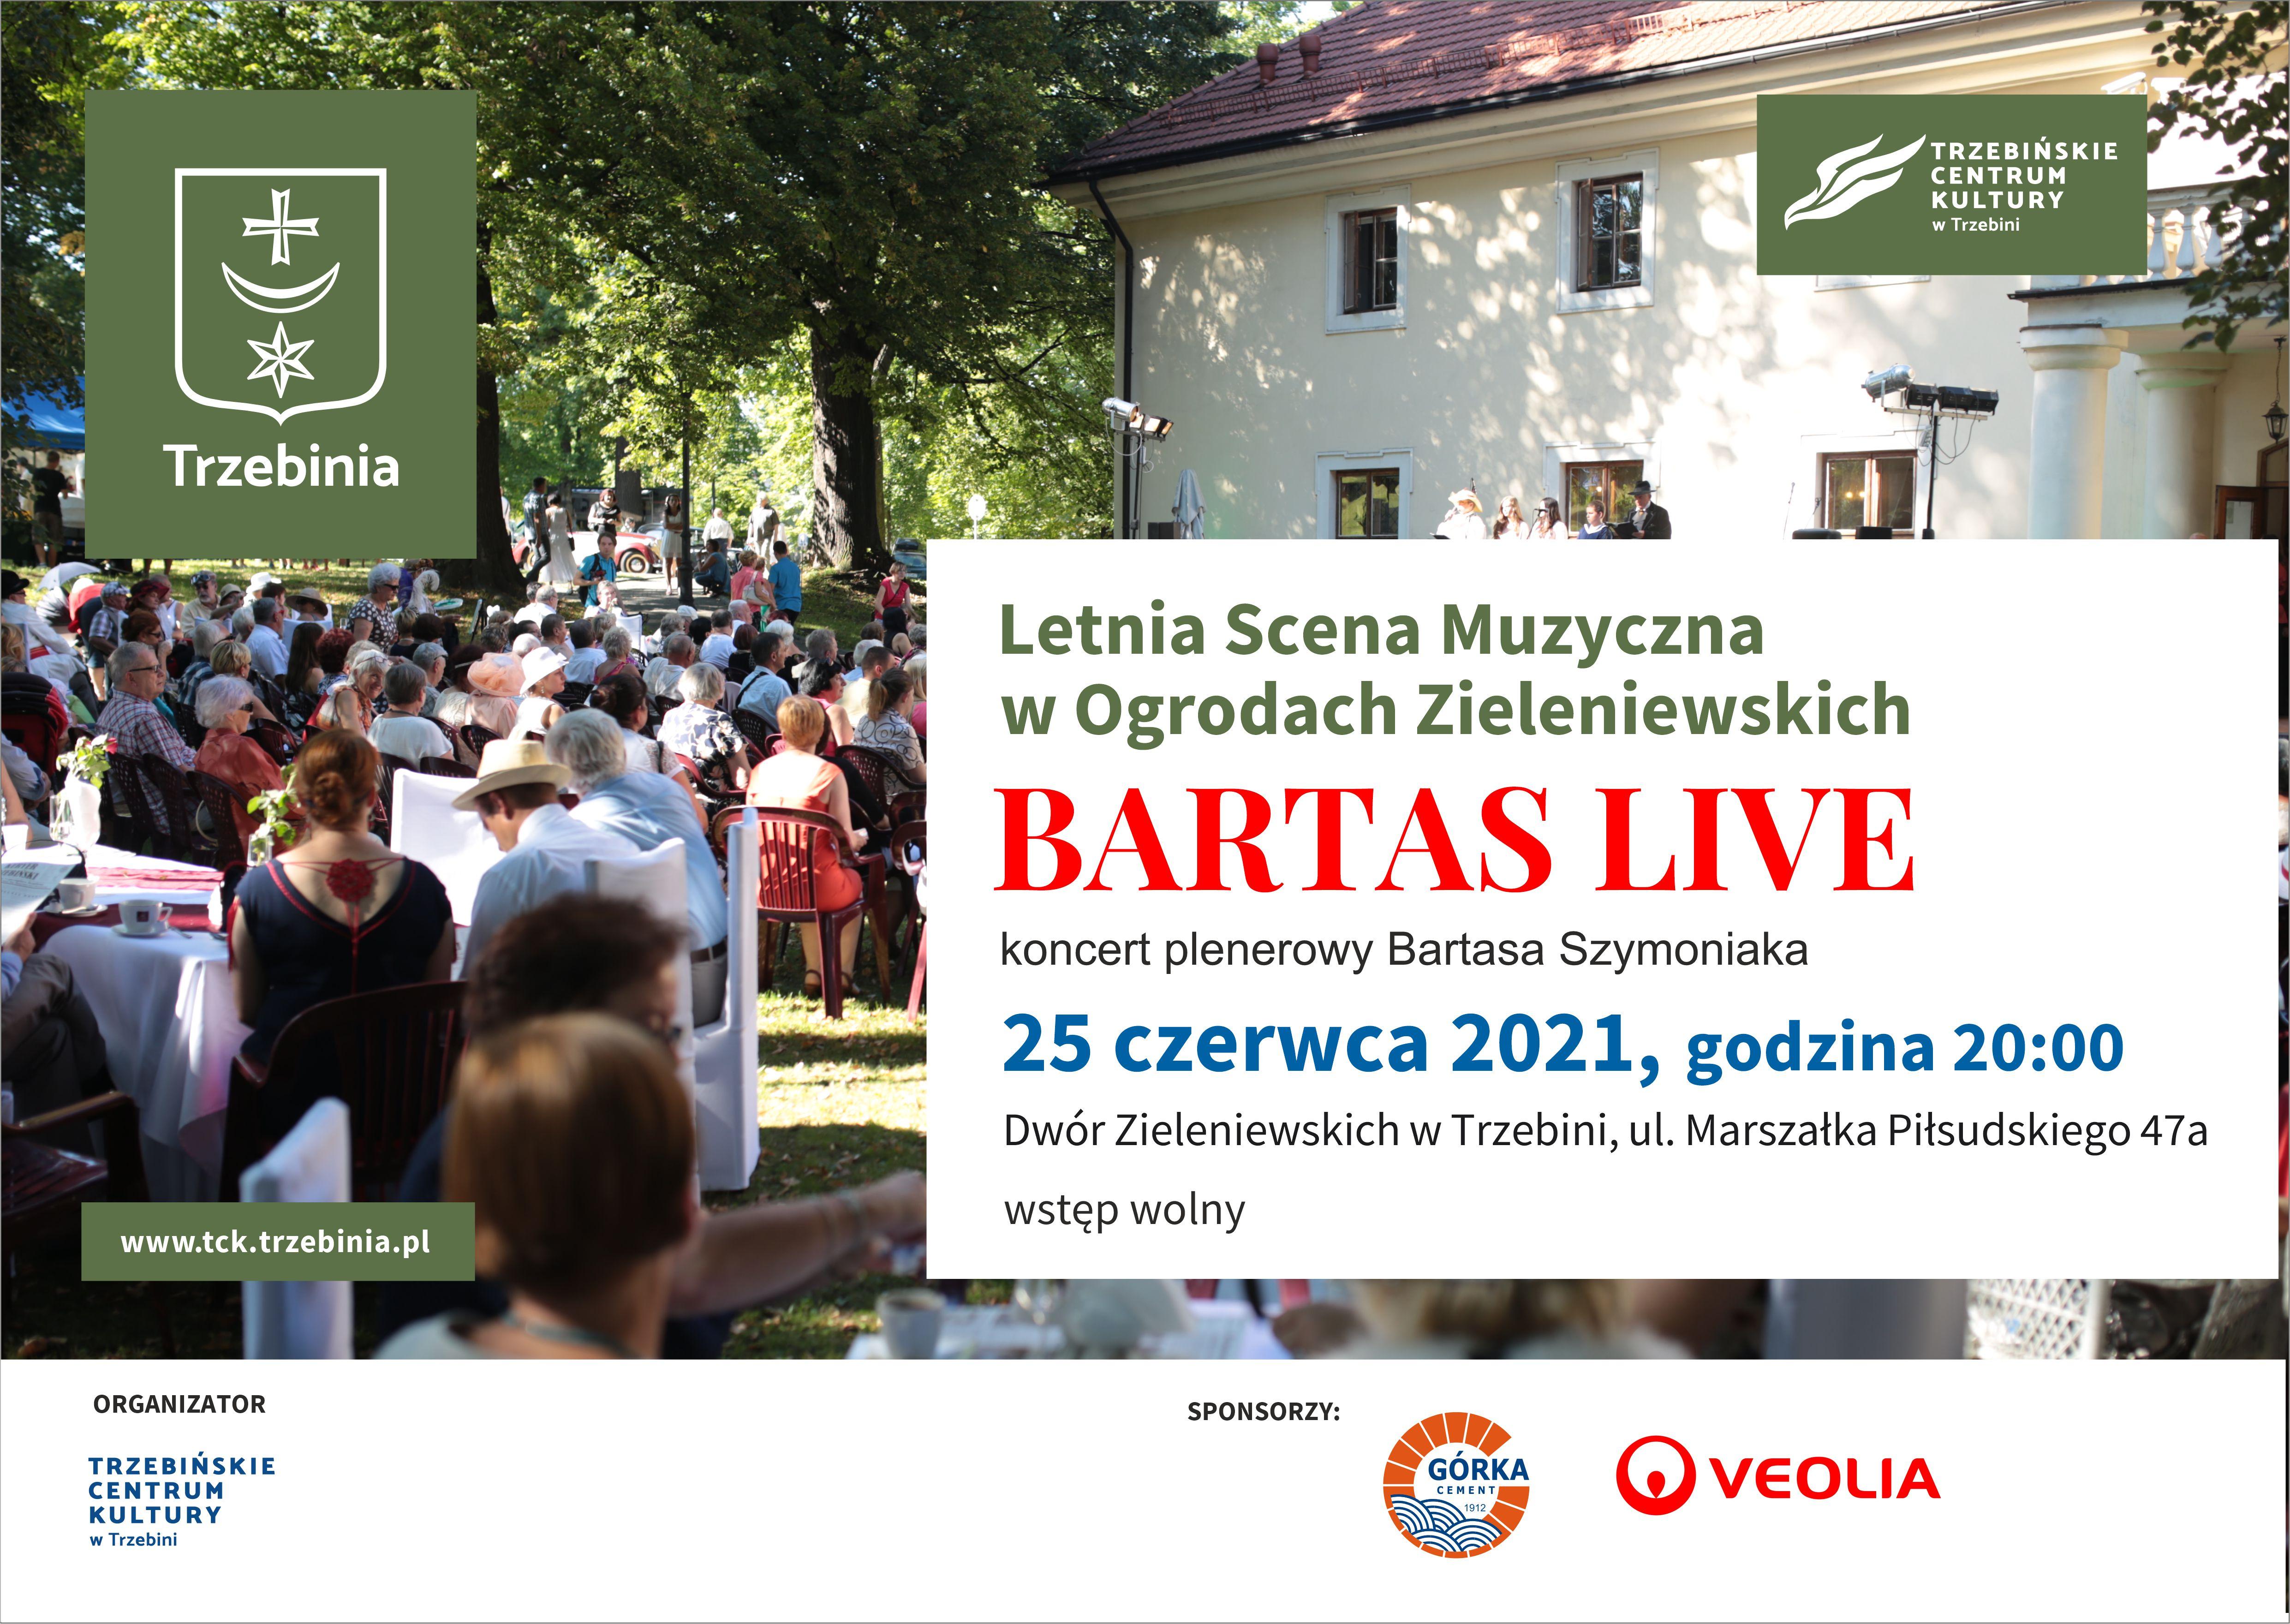 Bartas Live koncert plenerowy Bartasa Szymoniaka